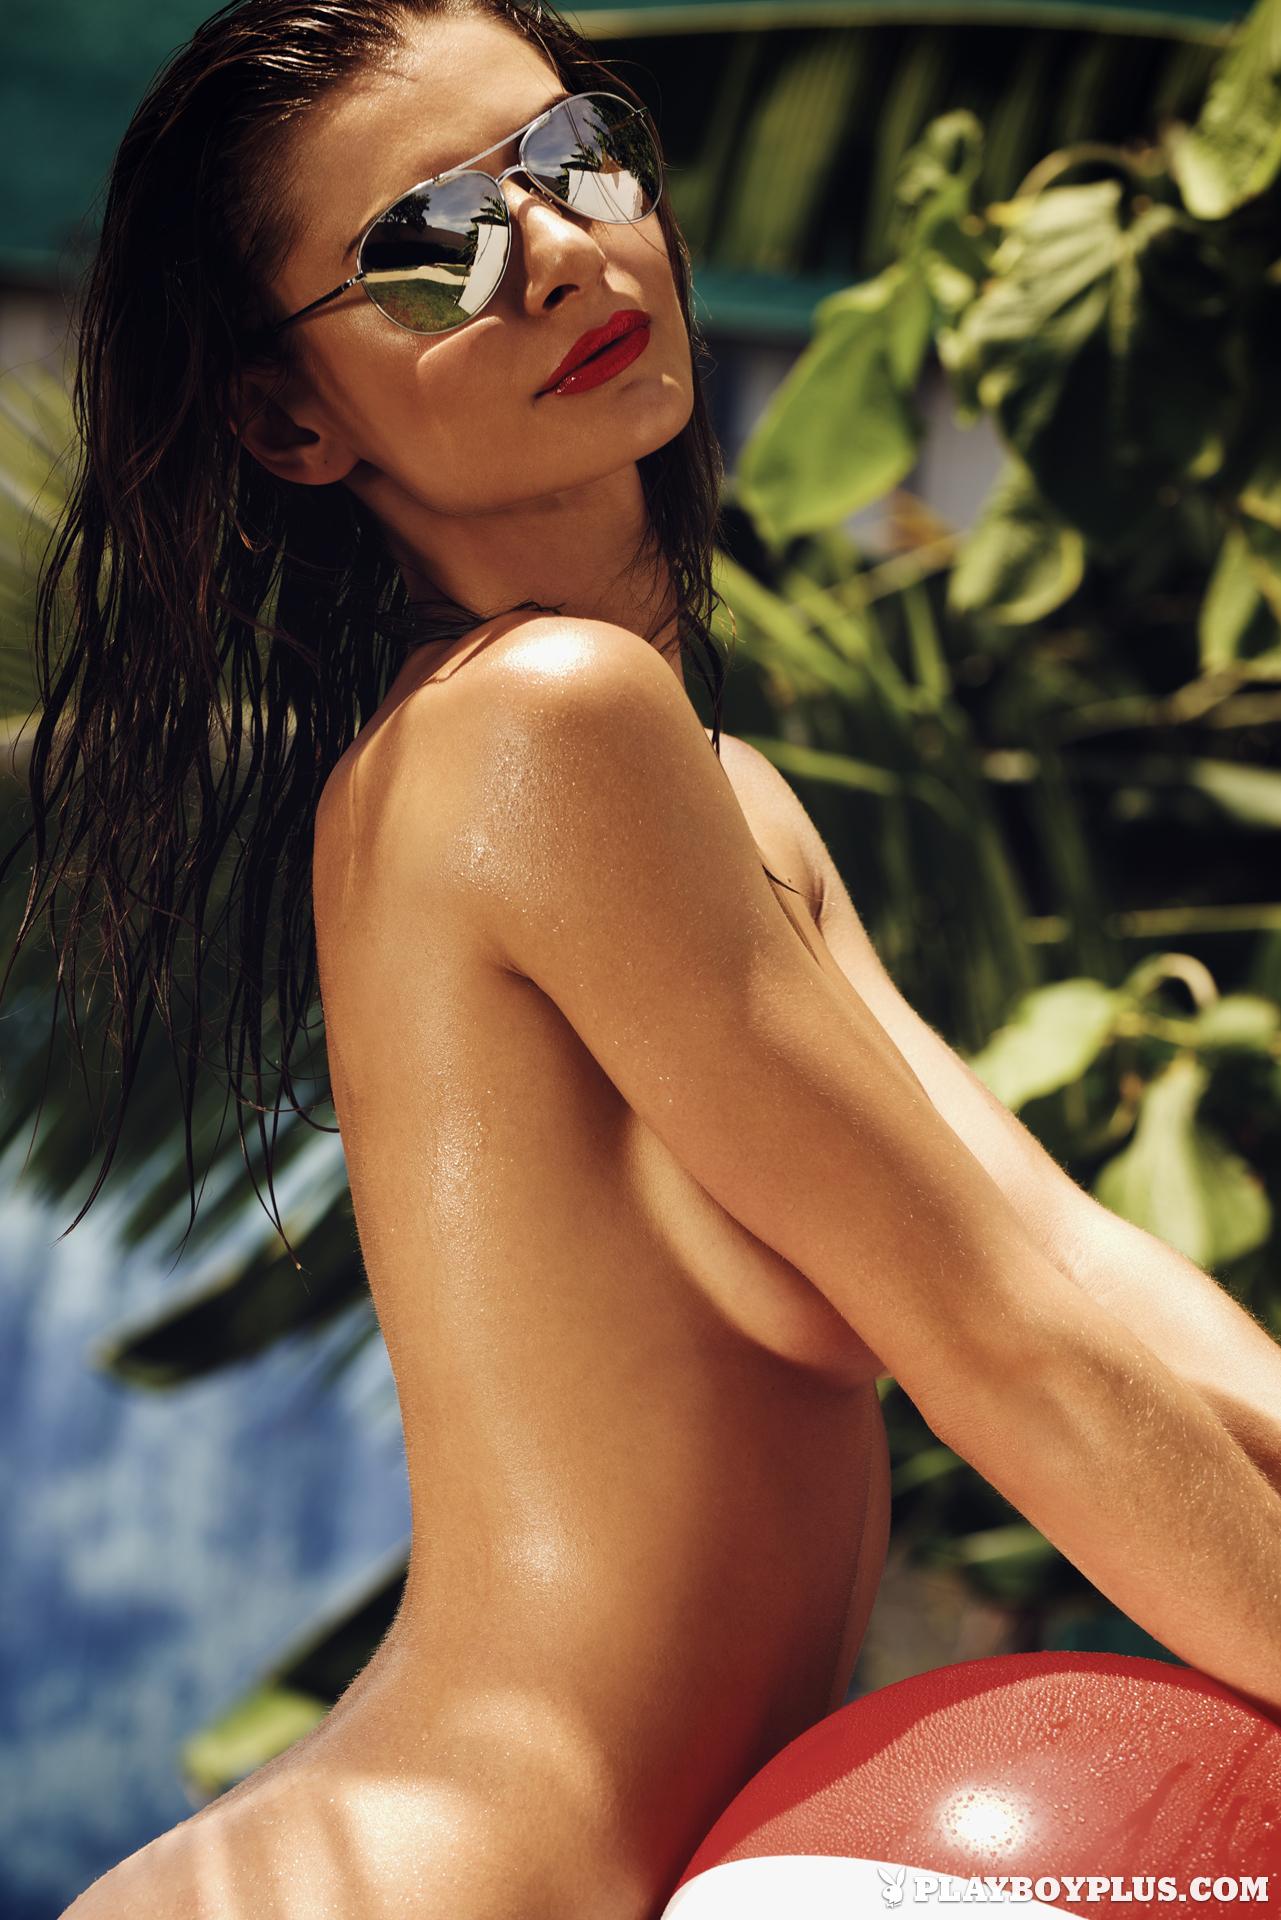 Samantha Taran v mokrem vročem ameriškem poletju - Blog o središčih-7860